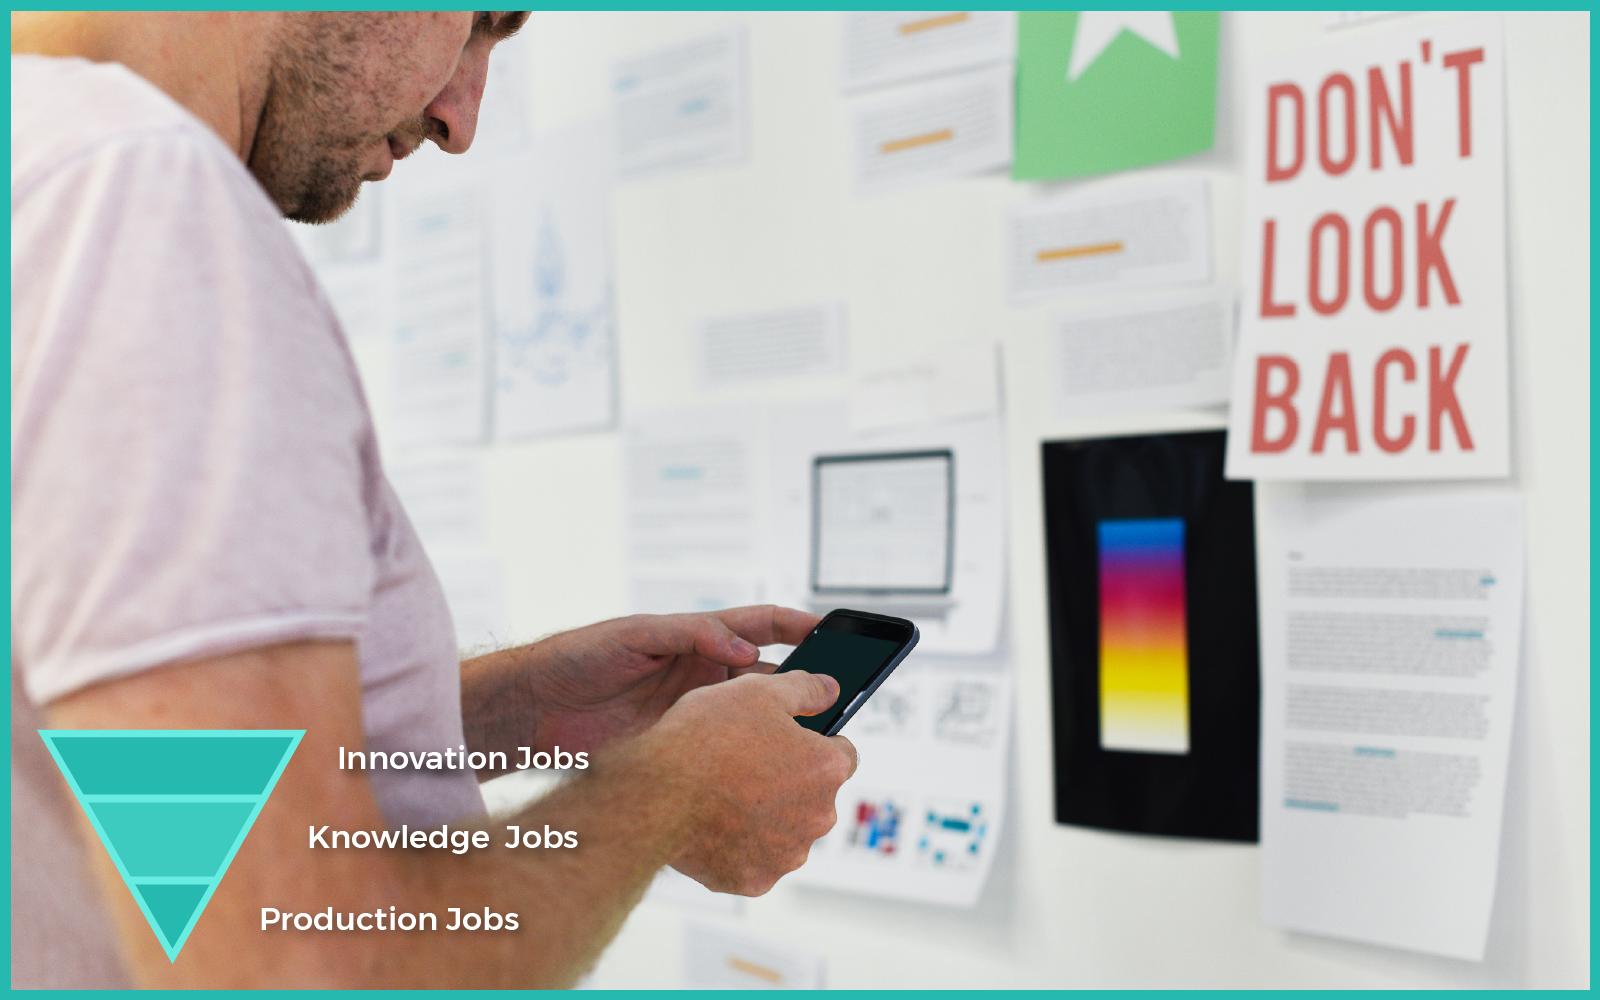 Innovation Jobs